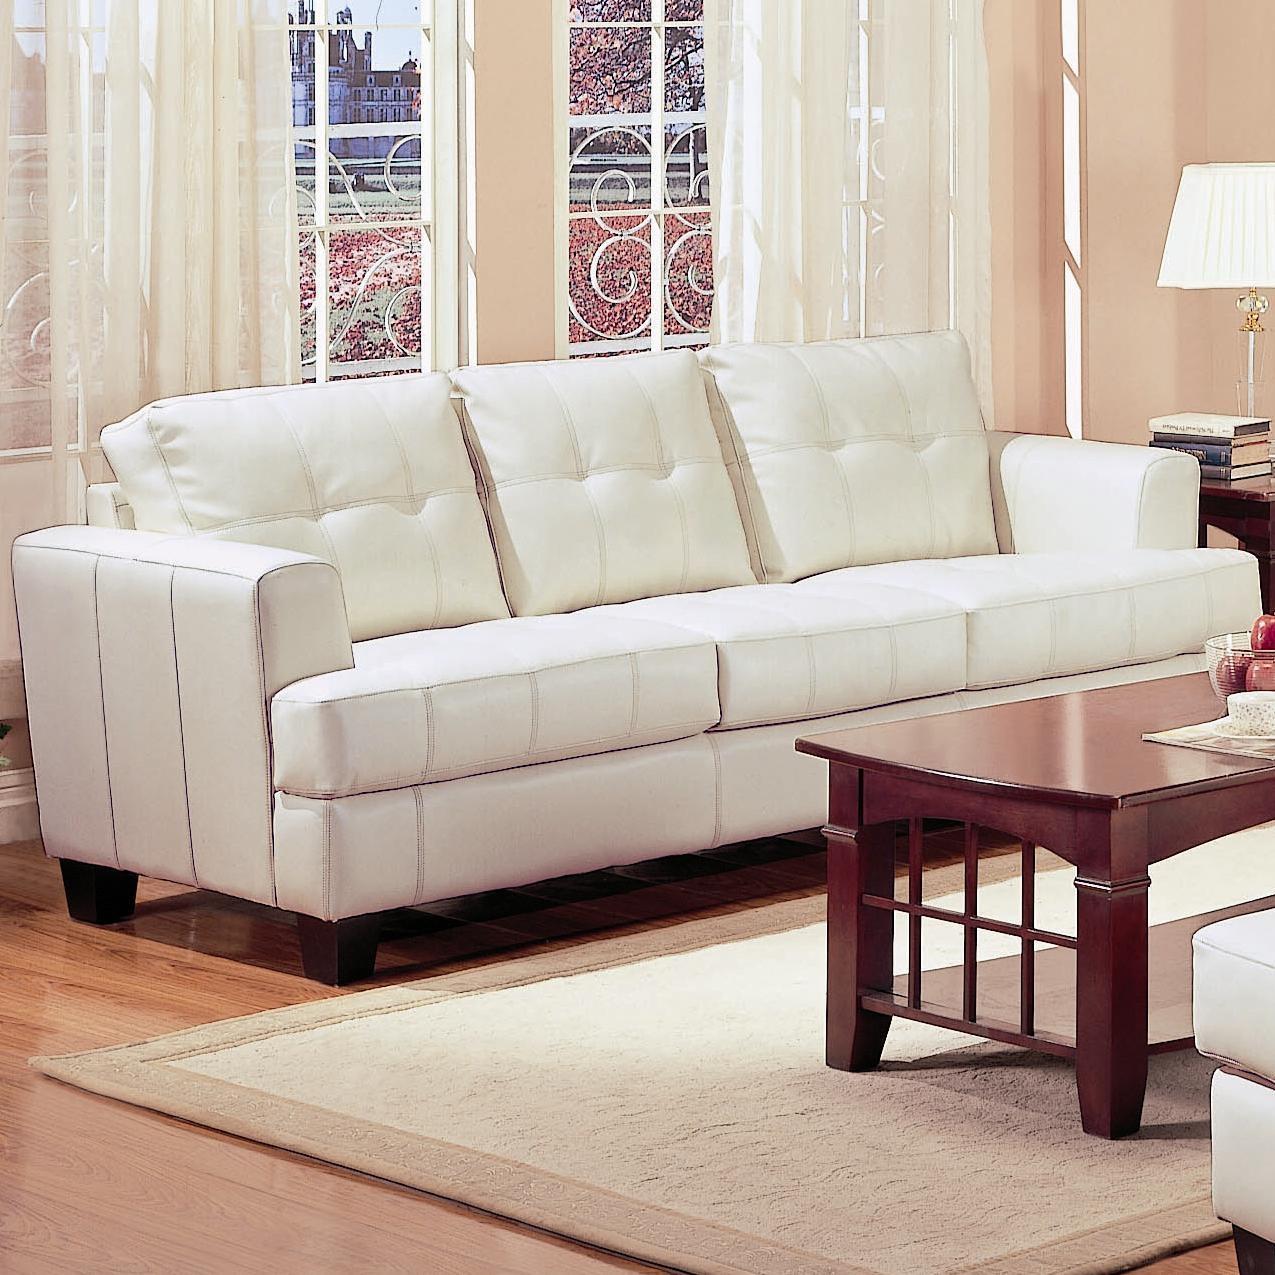 Sofa Set Value City